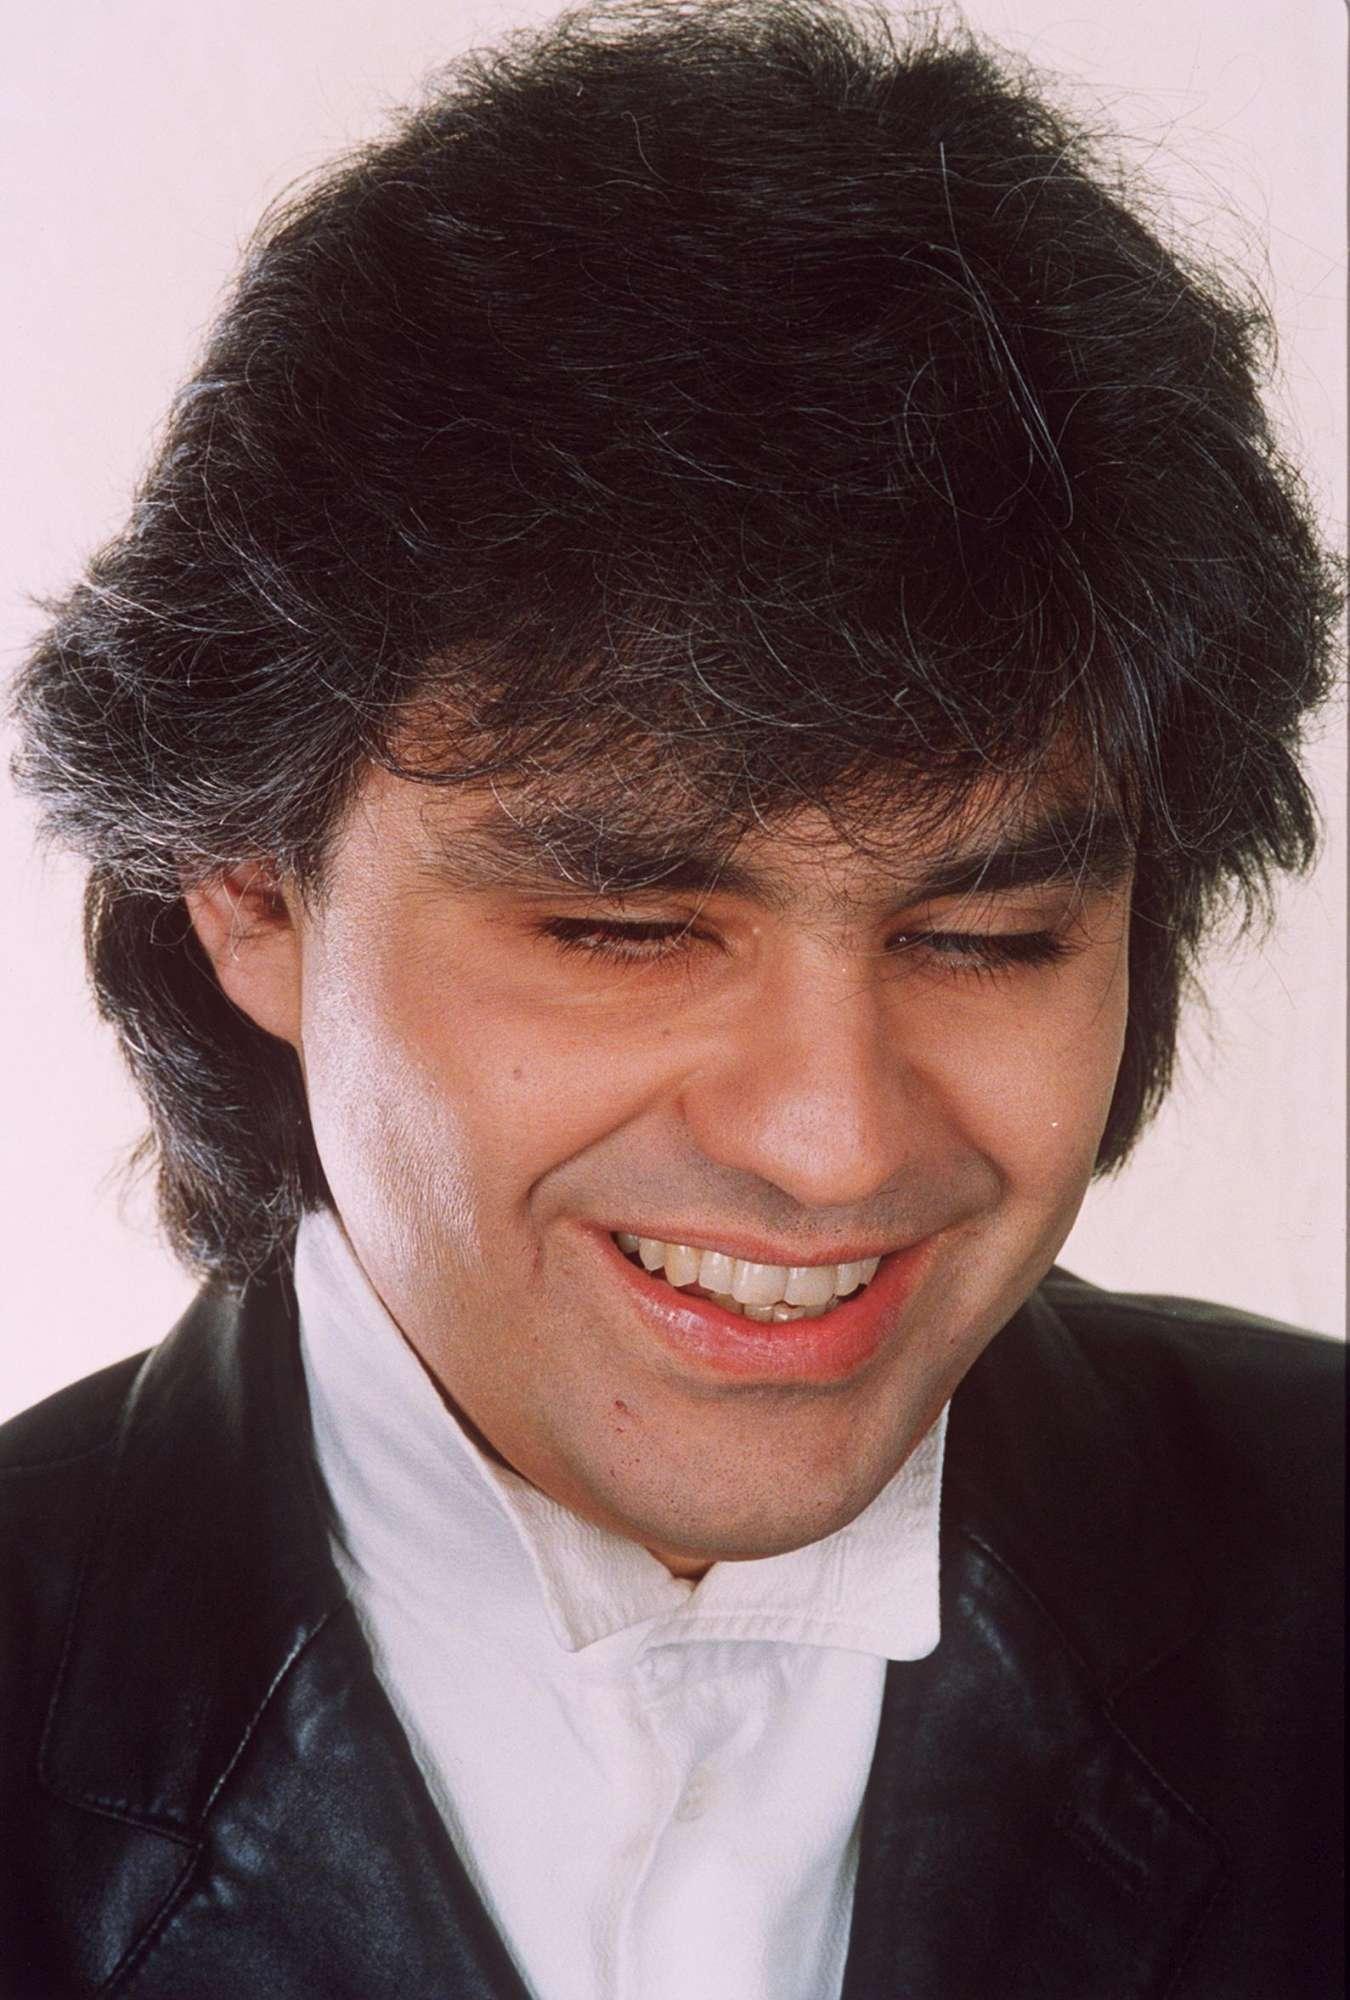 Andrea Bocelli compie 60 anni, auguri a una delle voci italiane più amate nel mondo